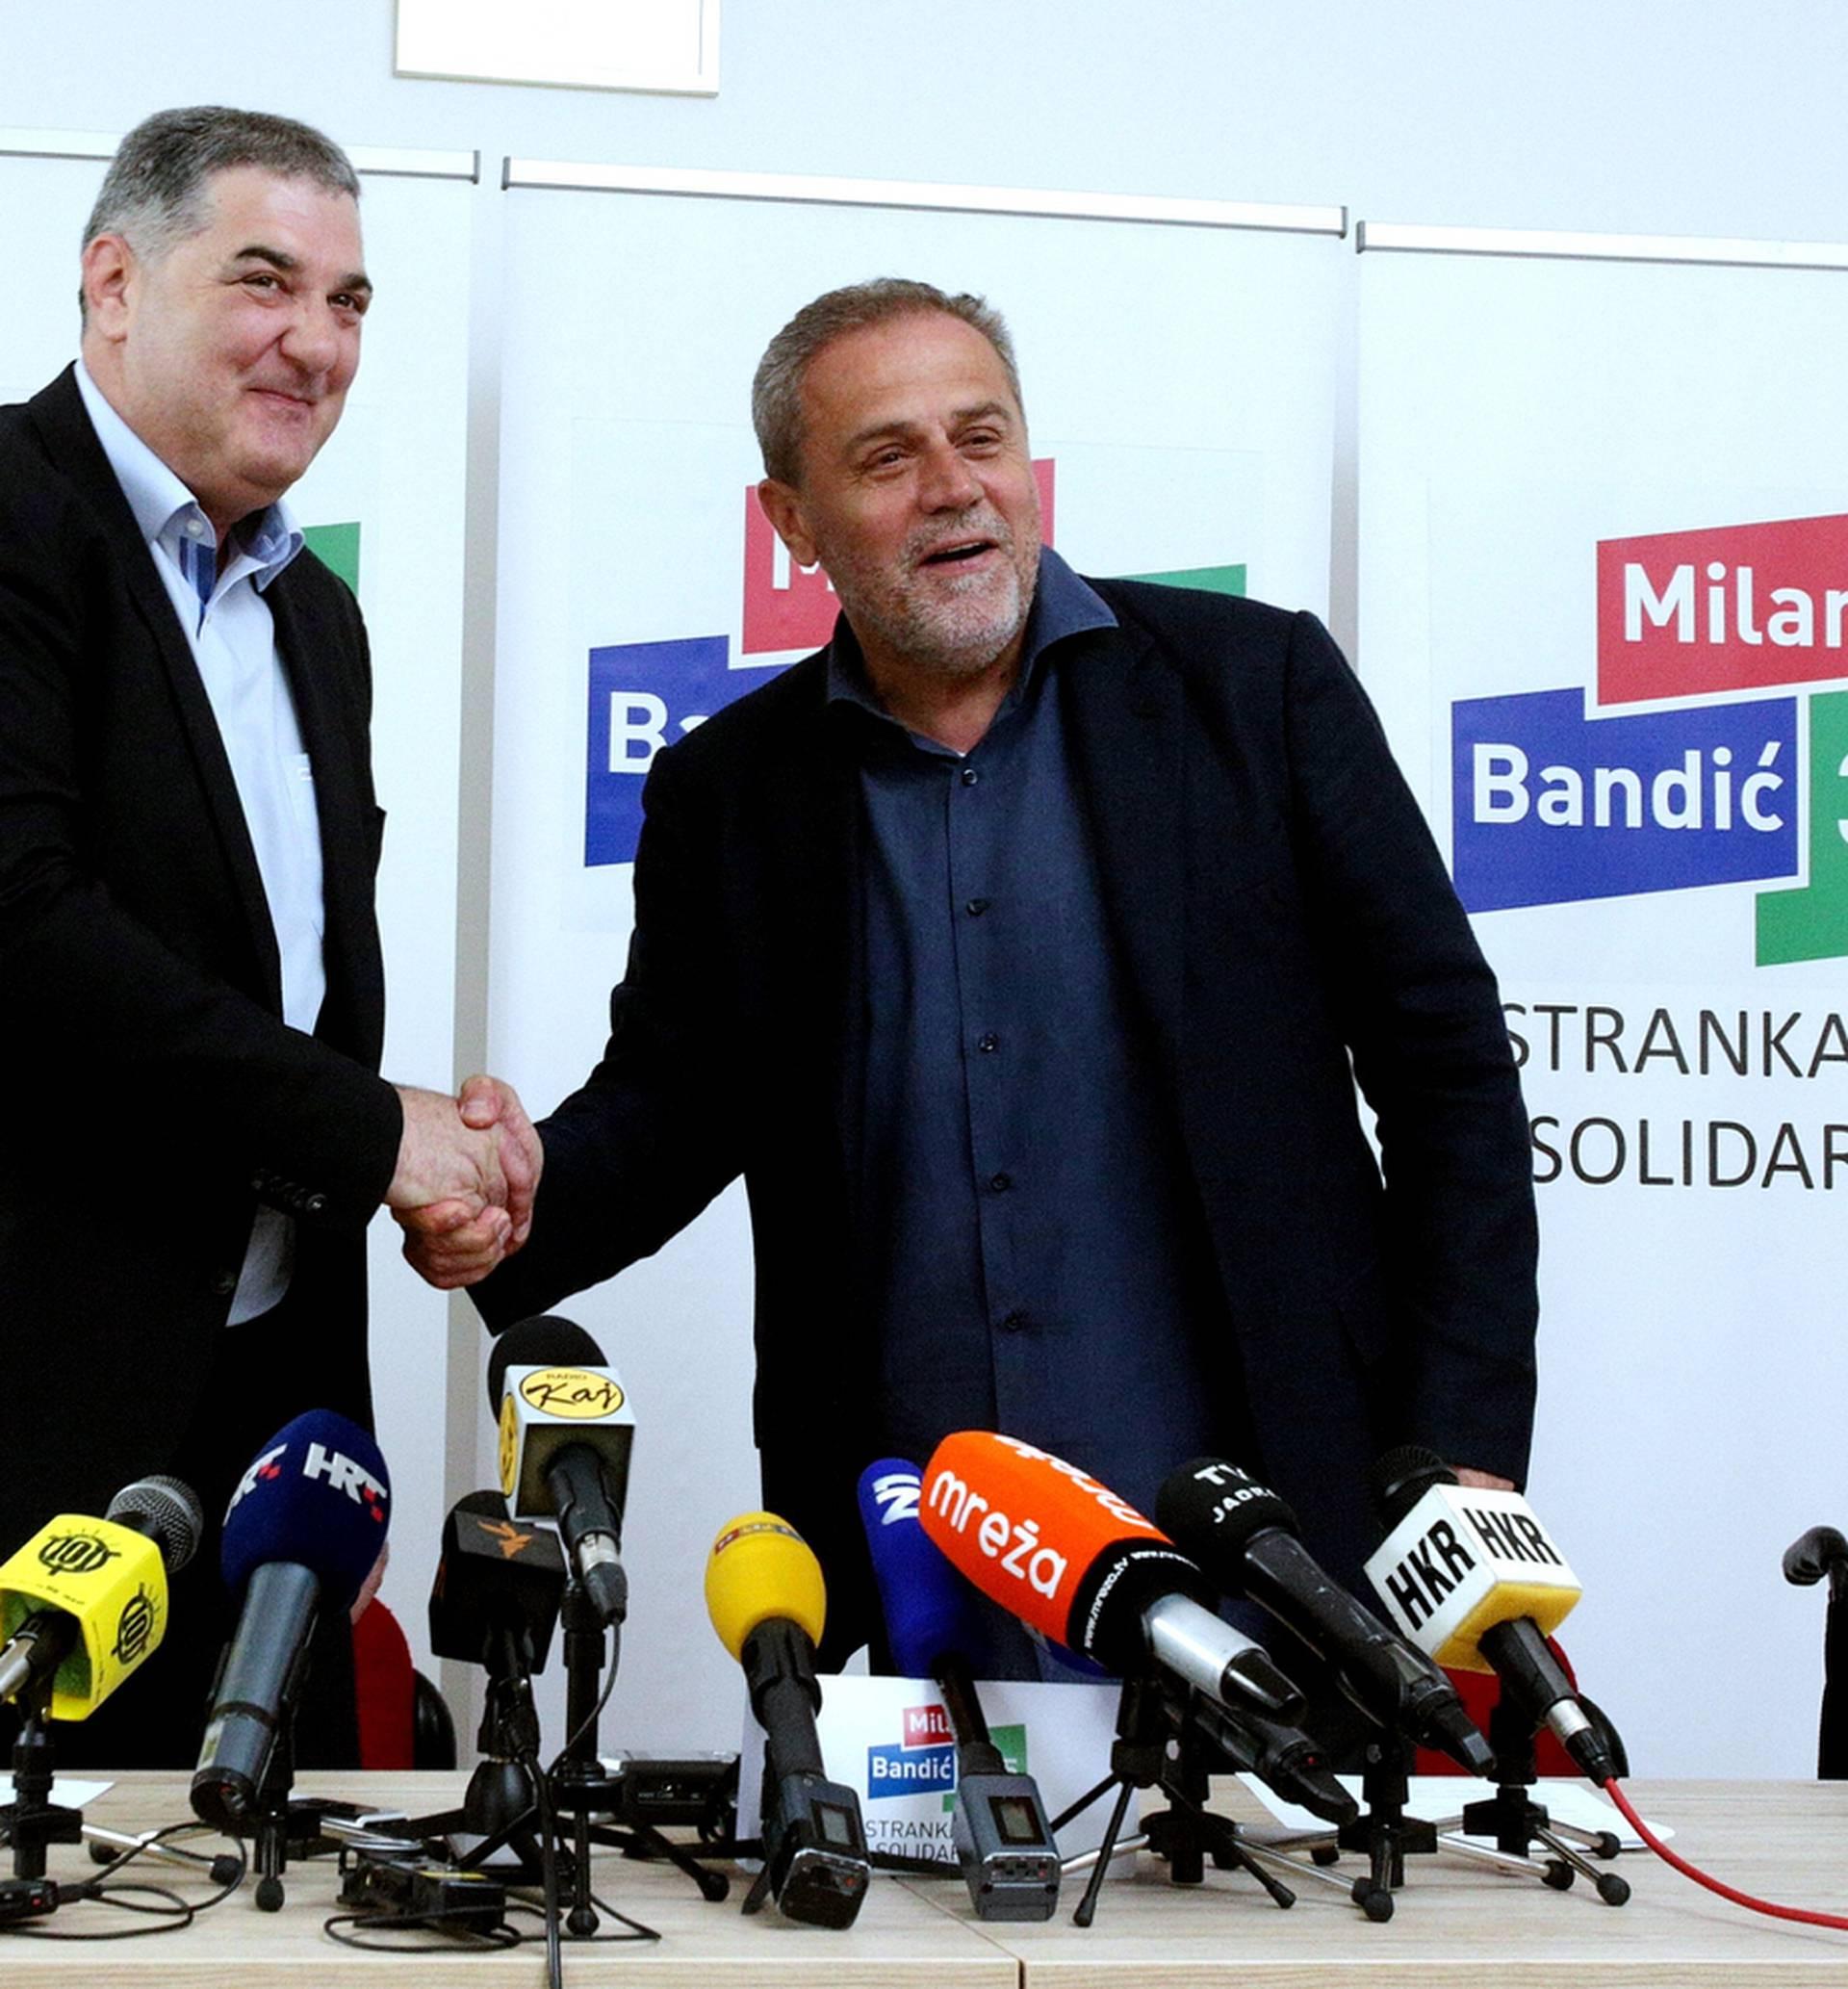 Milan Bandić: Baldasar i ja smo početak pravog puta, puta rada